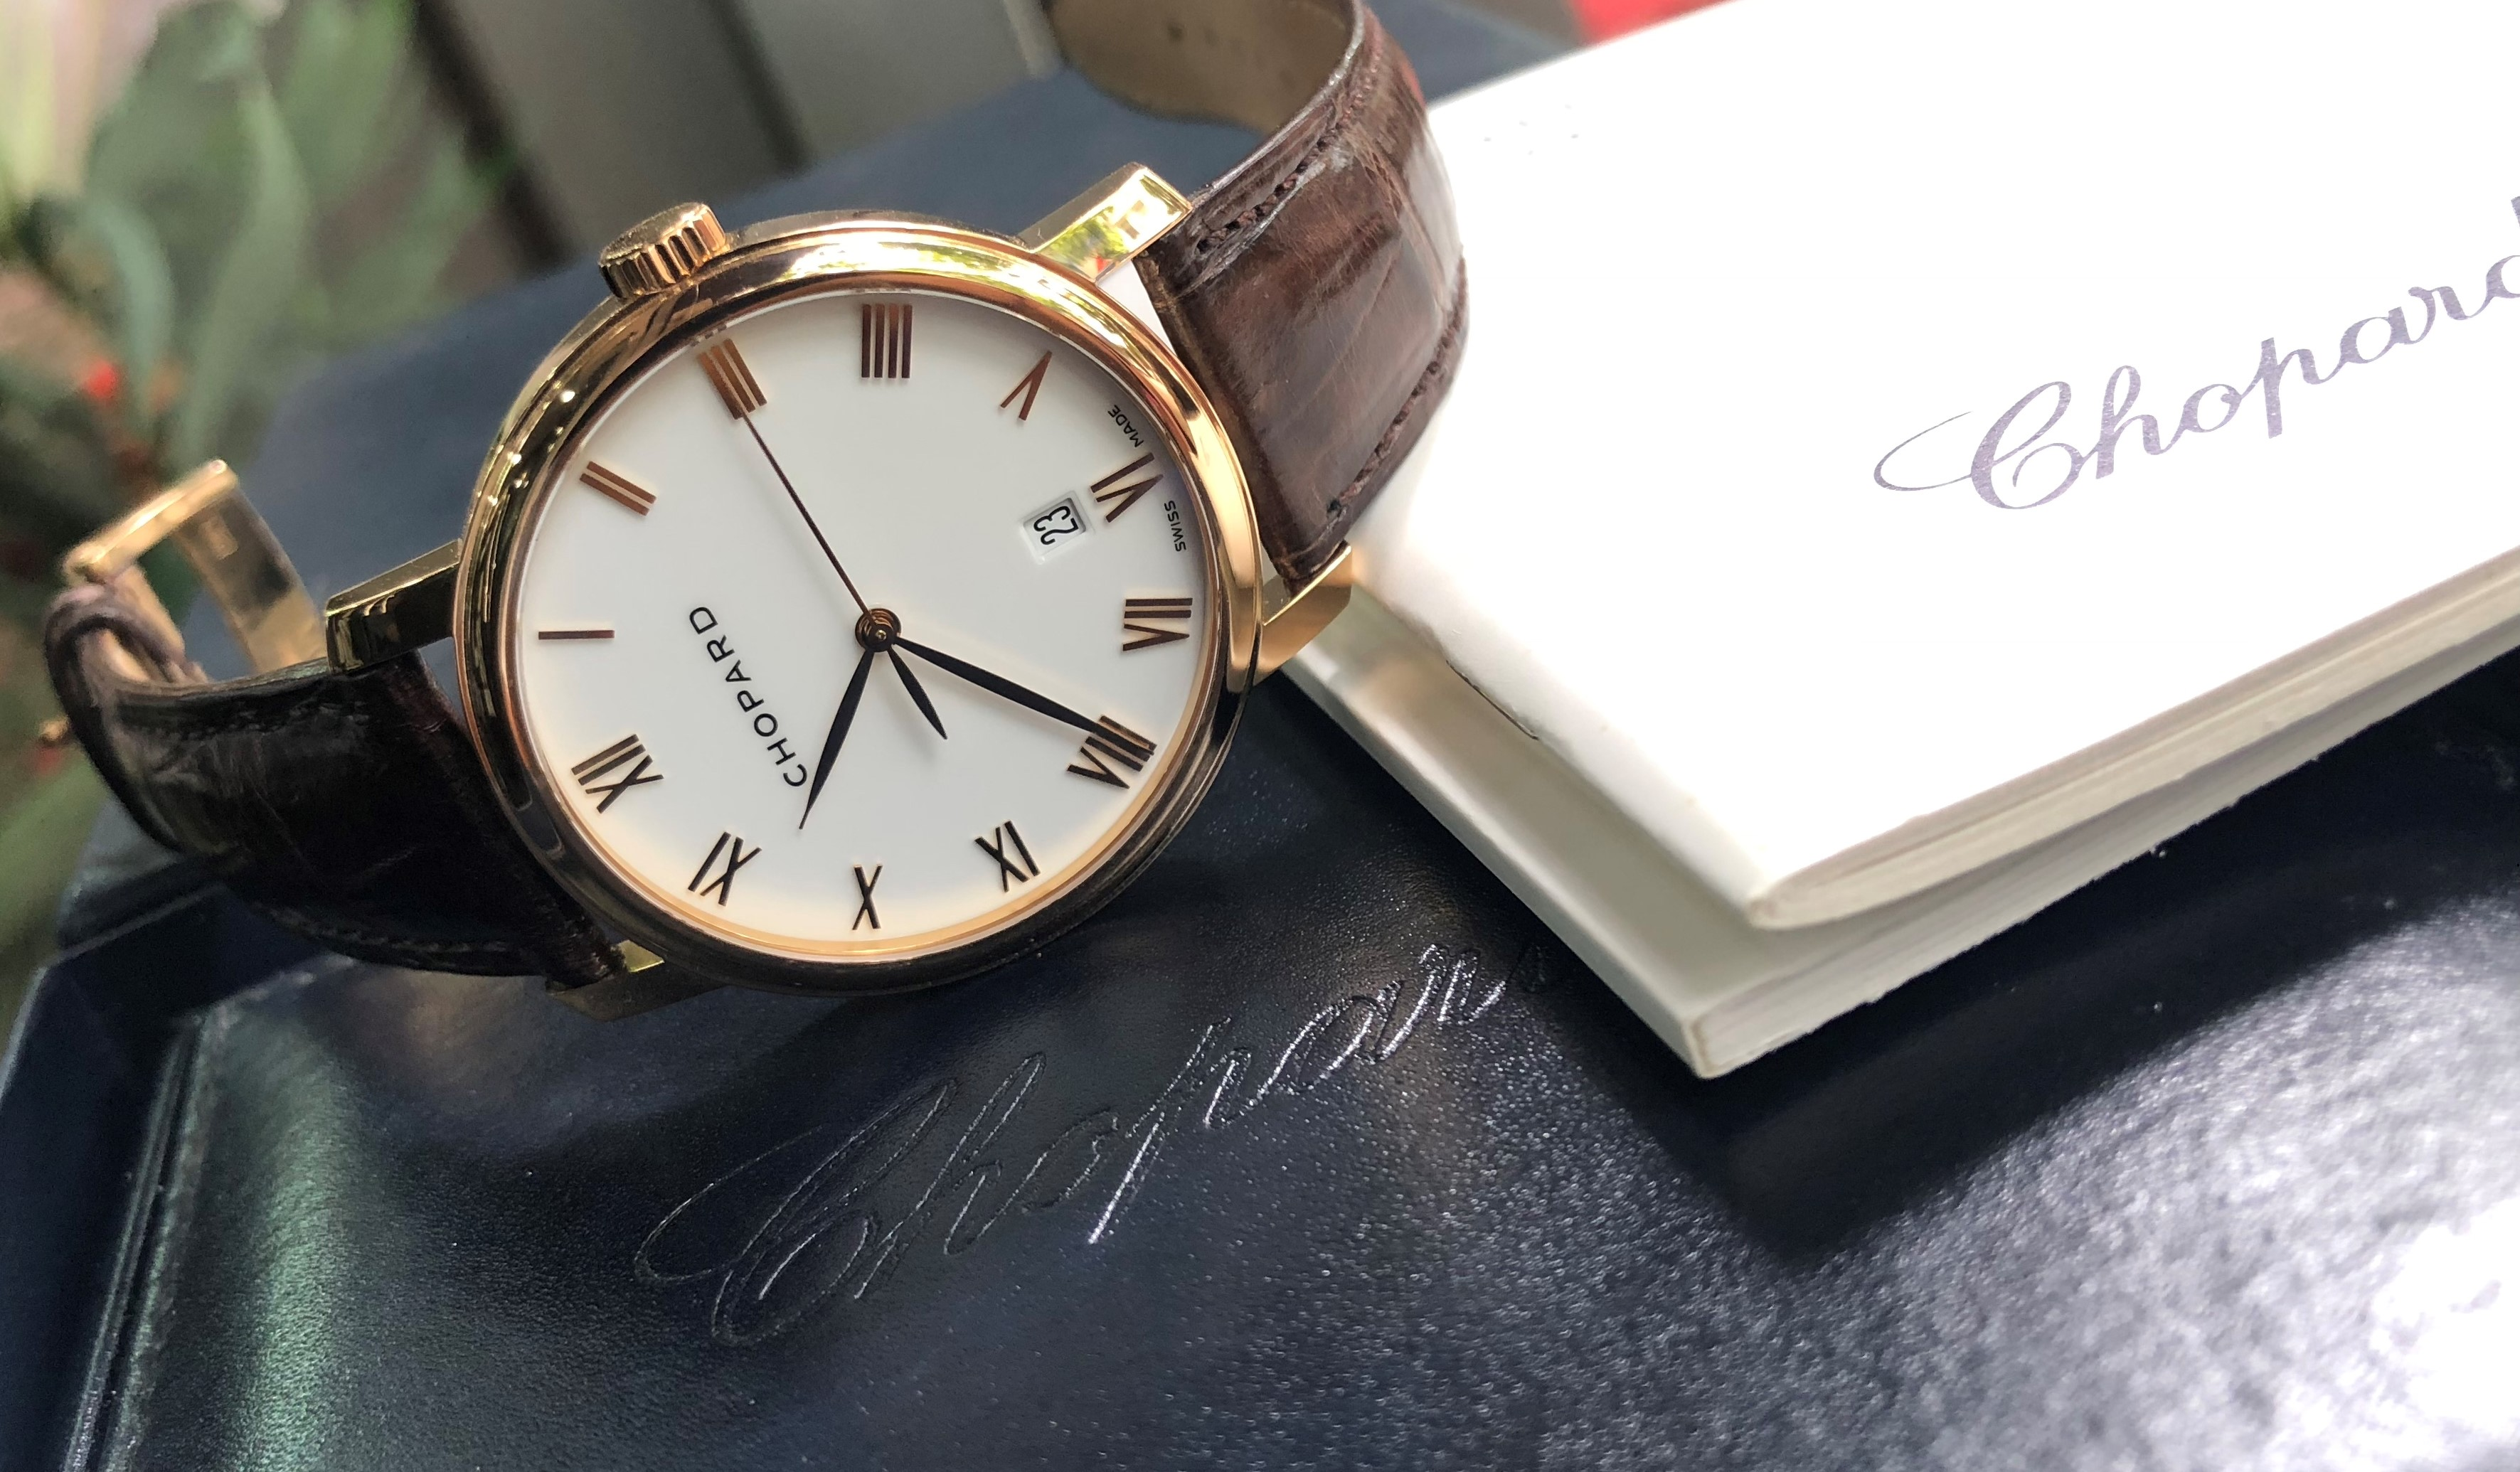 Chopard 1278 mặt trắng tráng men vàng hồng 18k Size 40mm